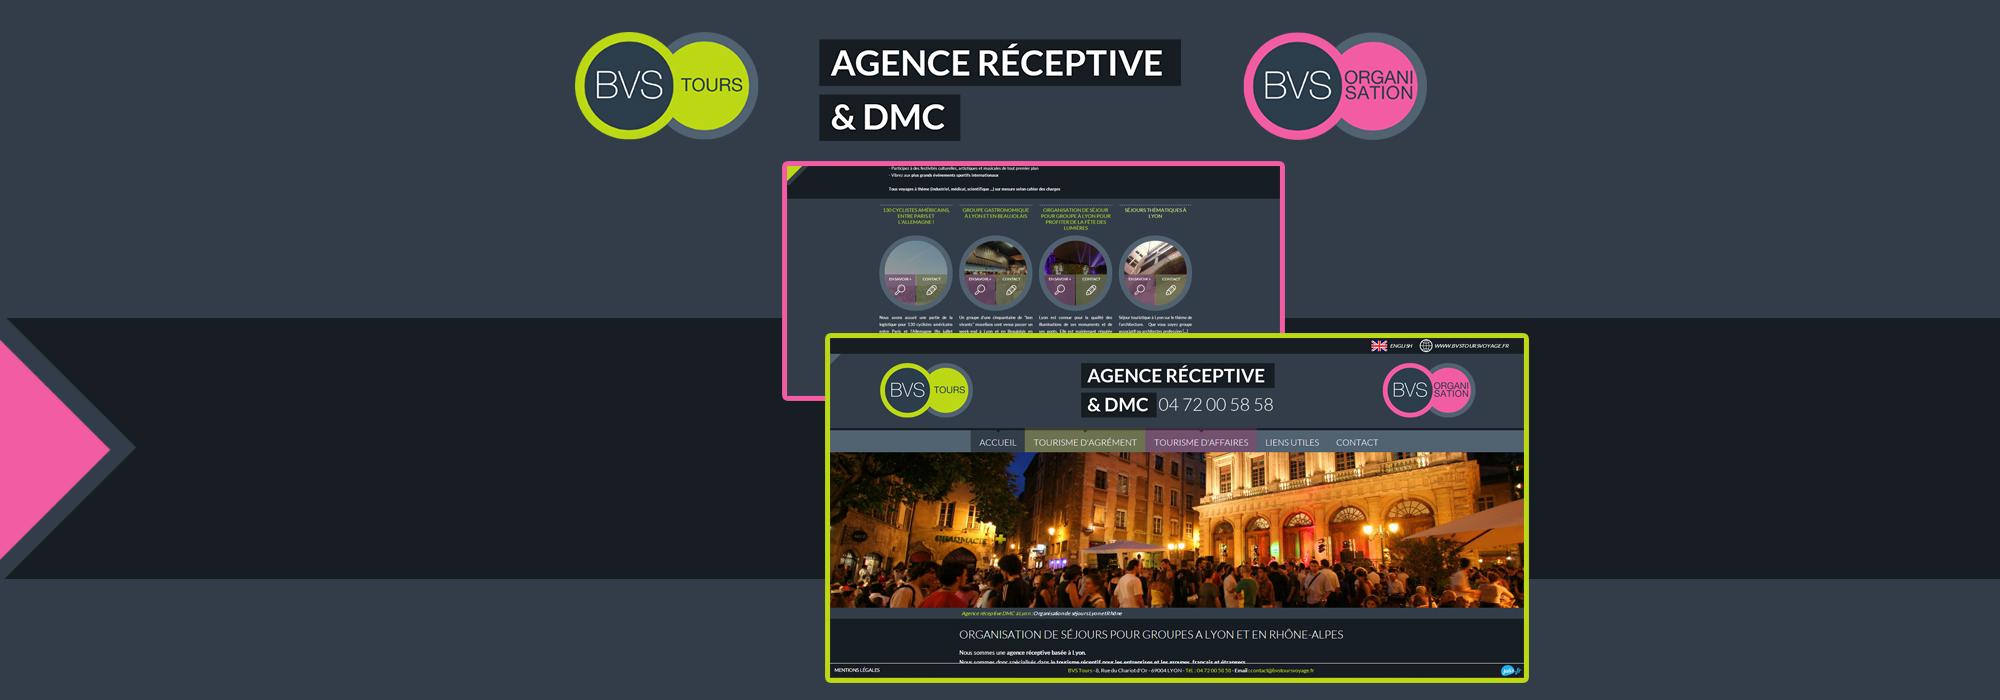 Agence réceptive à Lyon - BVS Tours